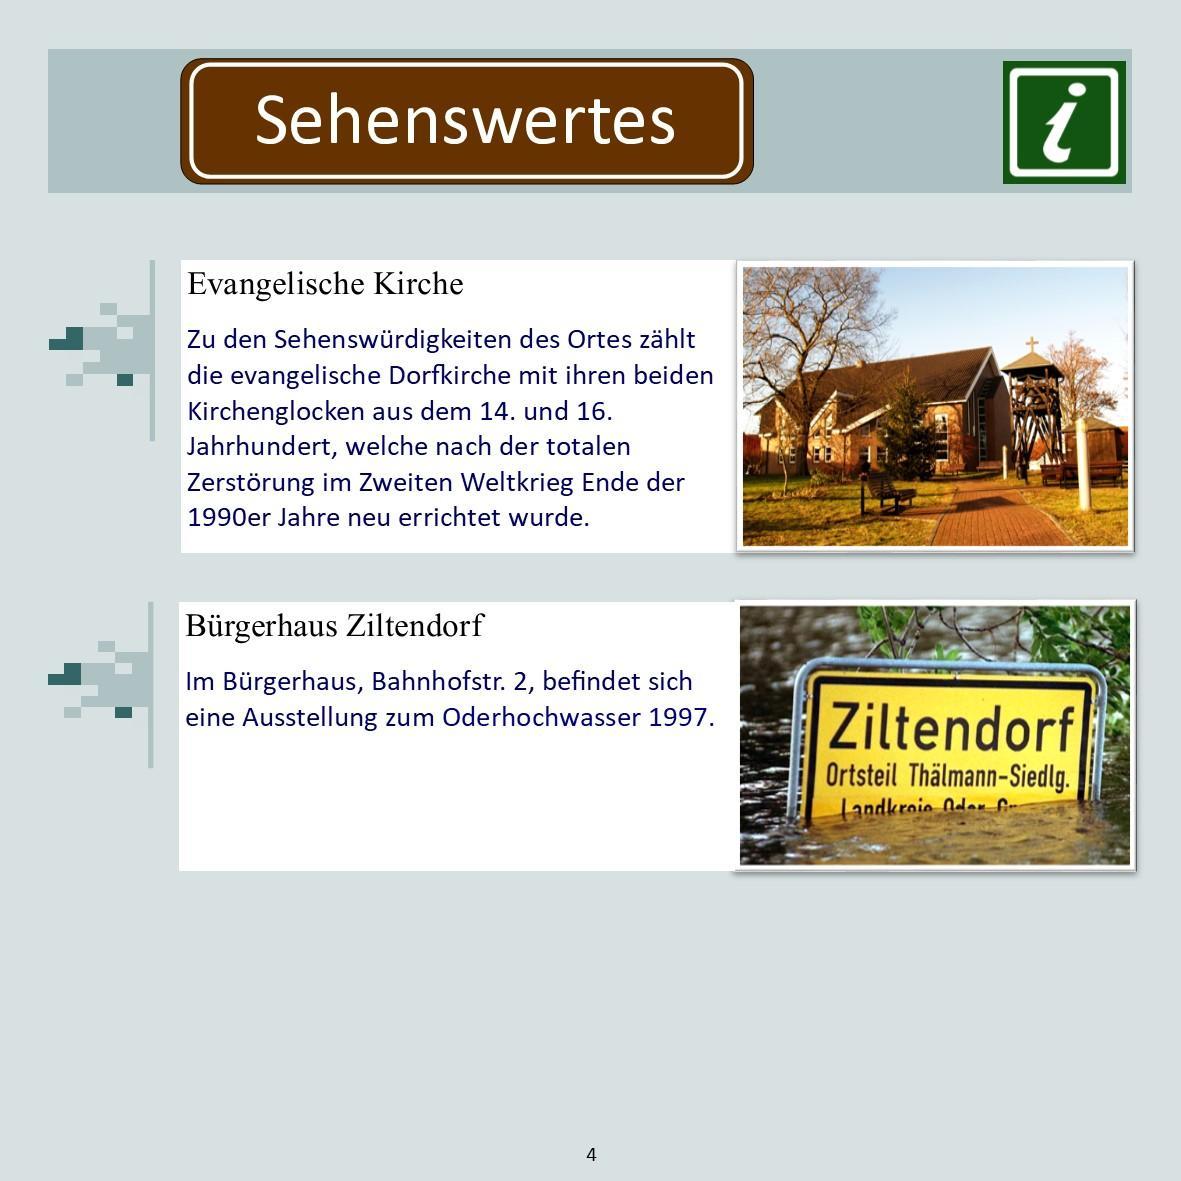 Ziltendorf_Freizeitgestaltung4